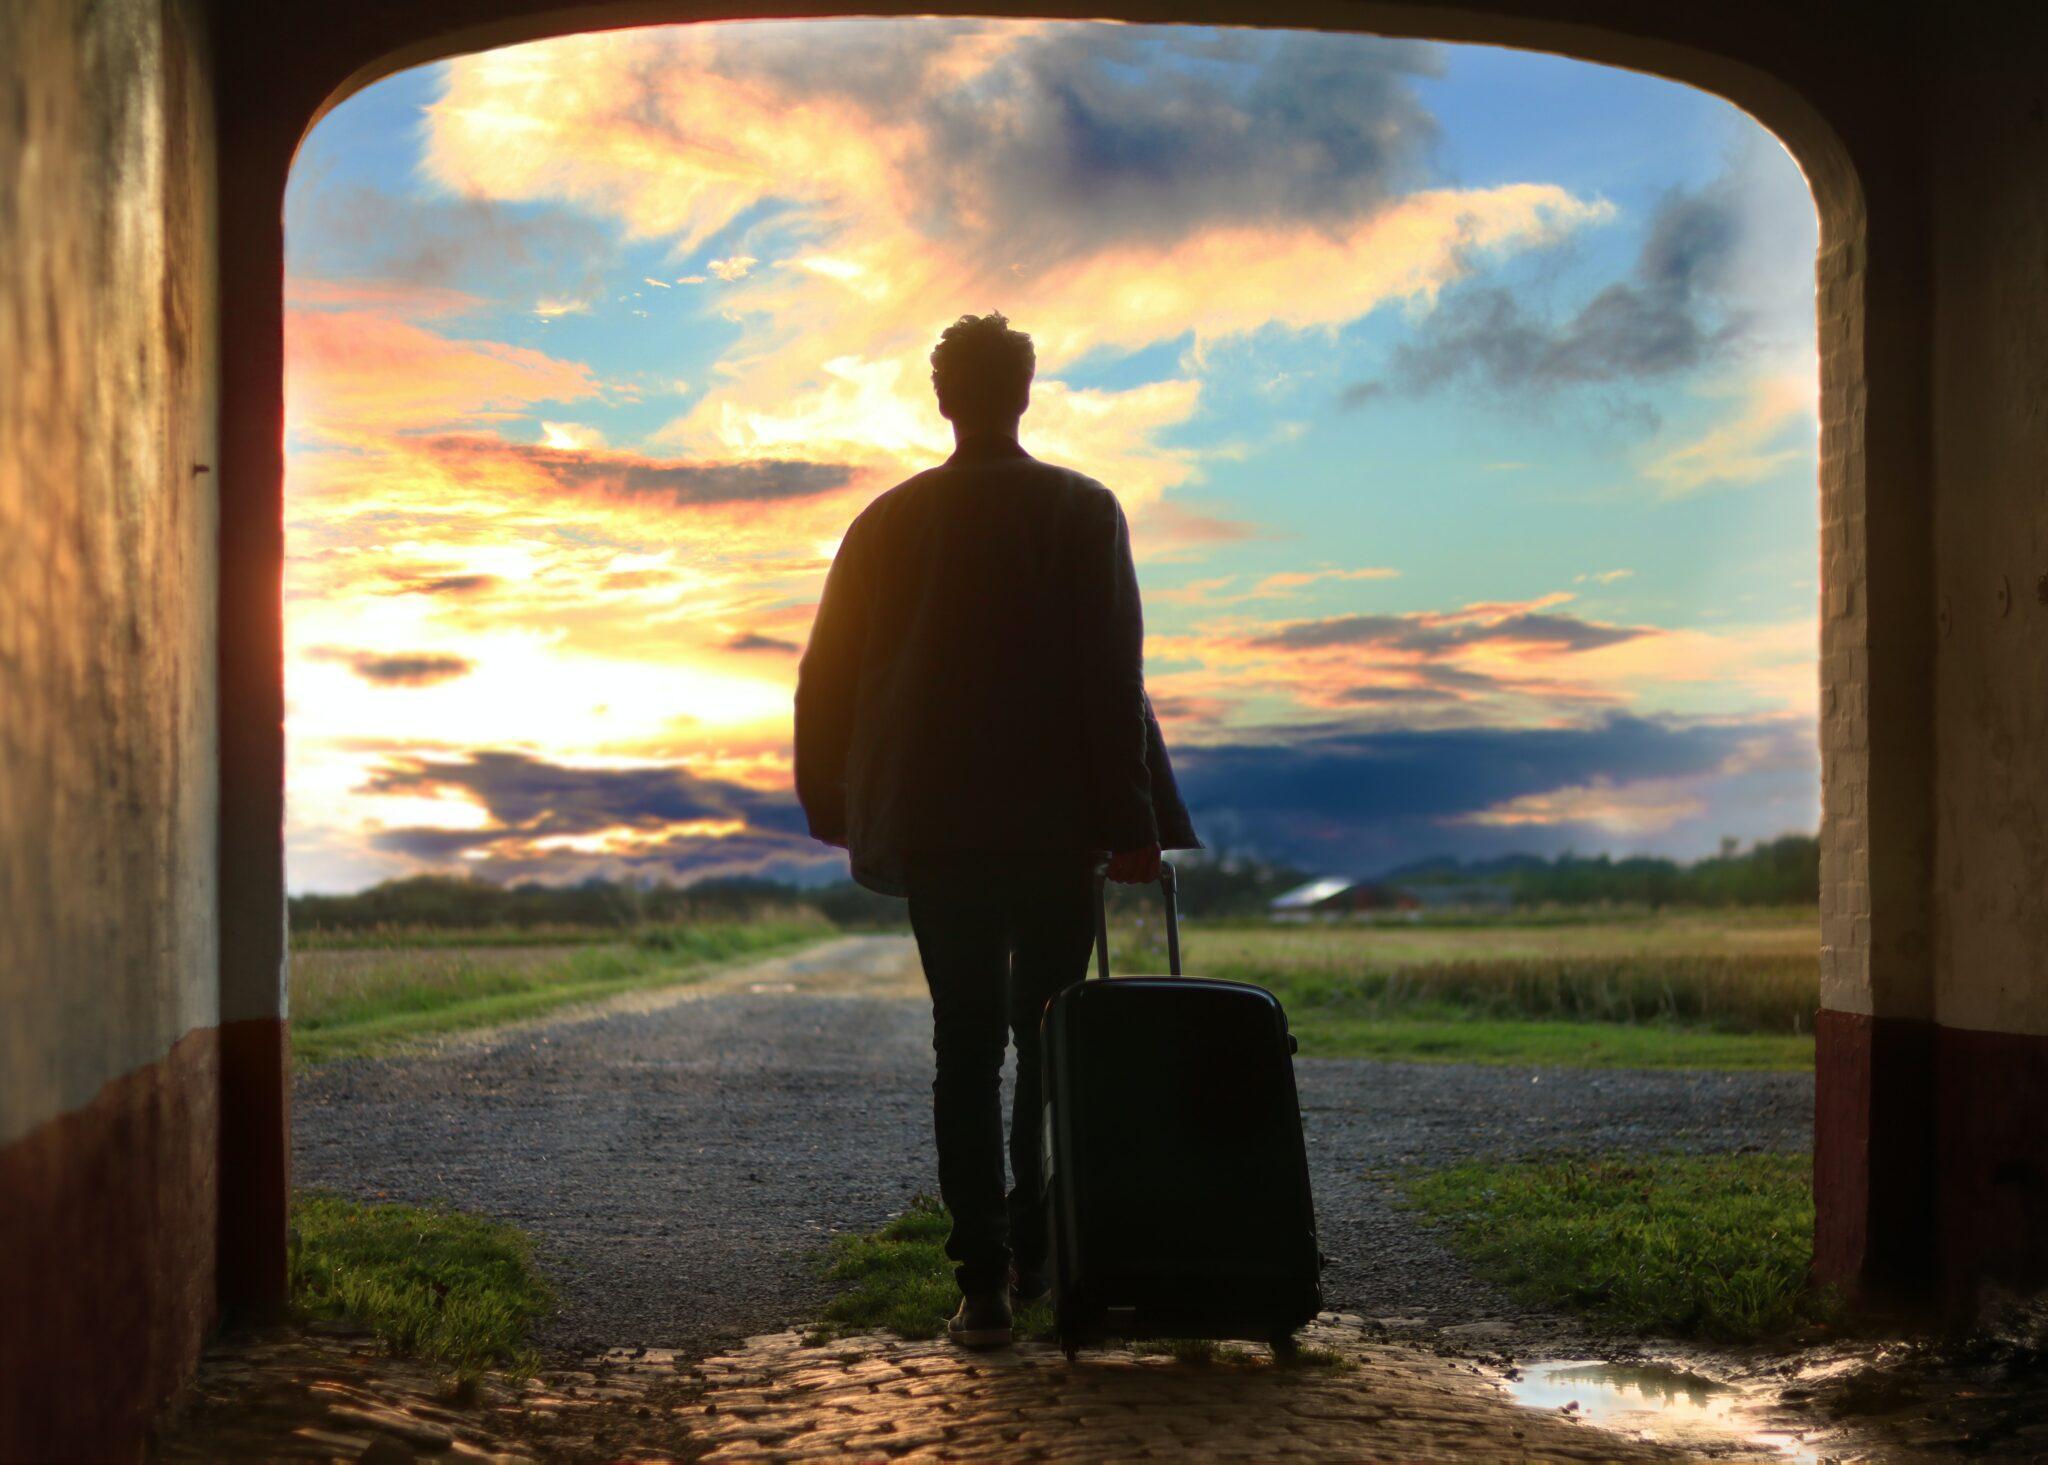 agence de voyage collaborer avec des influenceurs voyage faire connaitre son hotel développer agence de voyage stratégie digitale